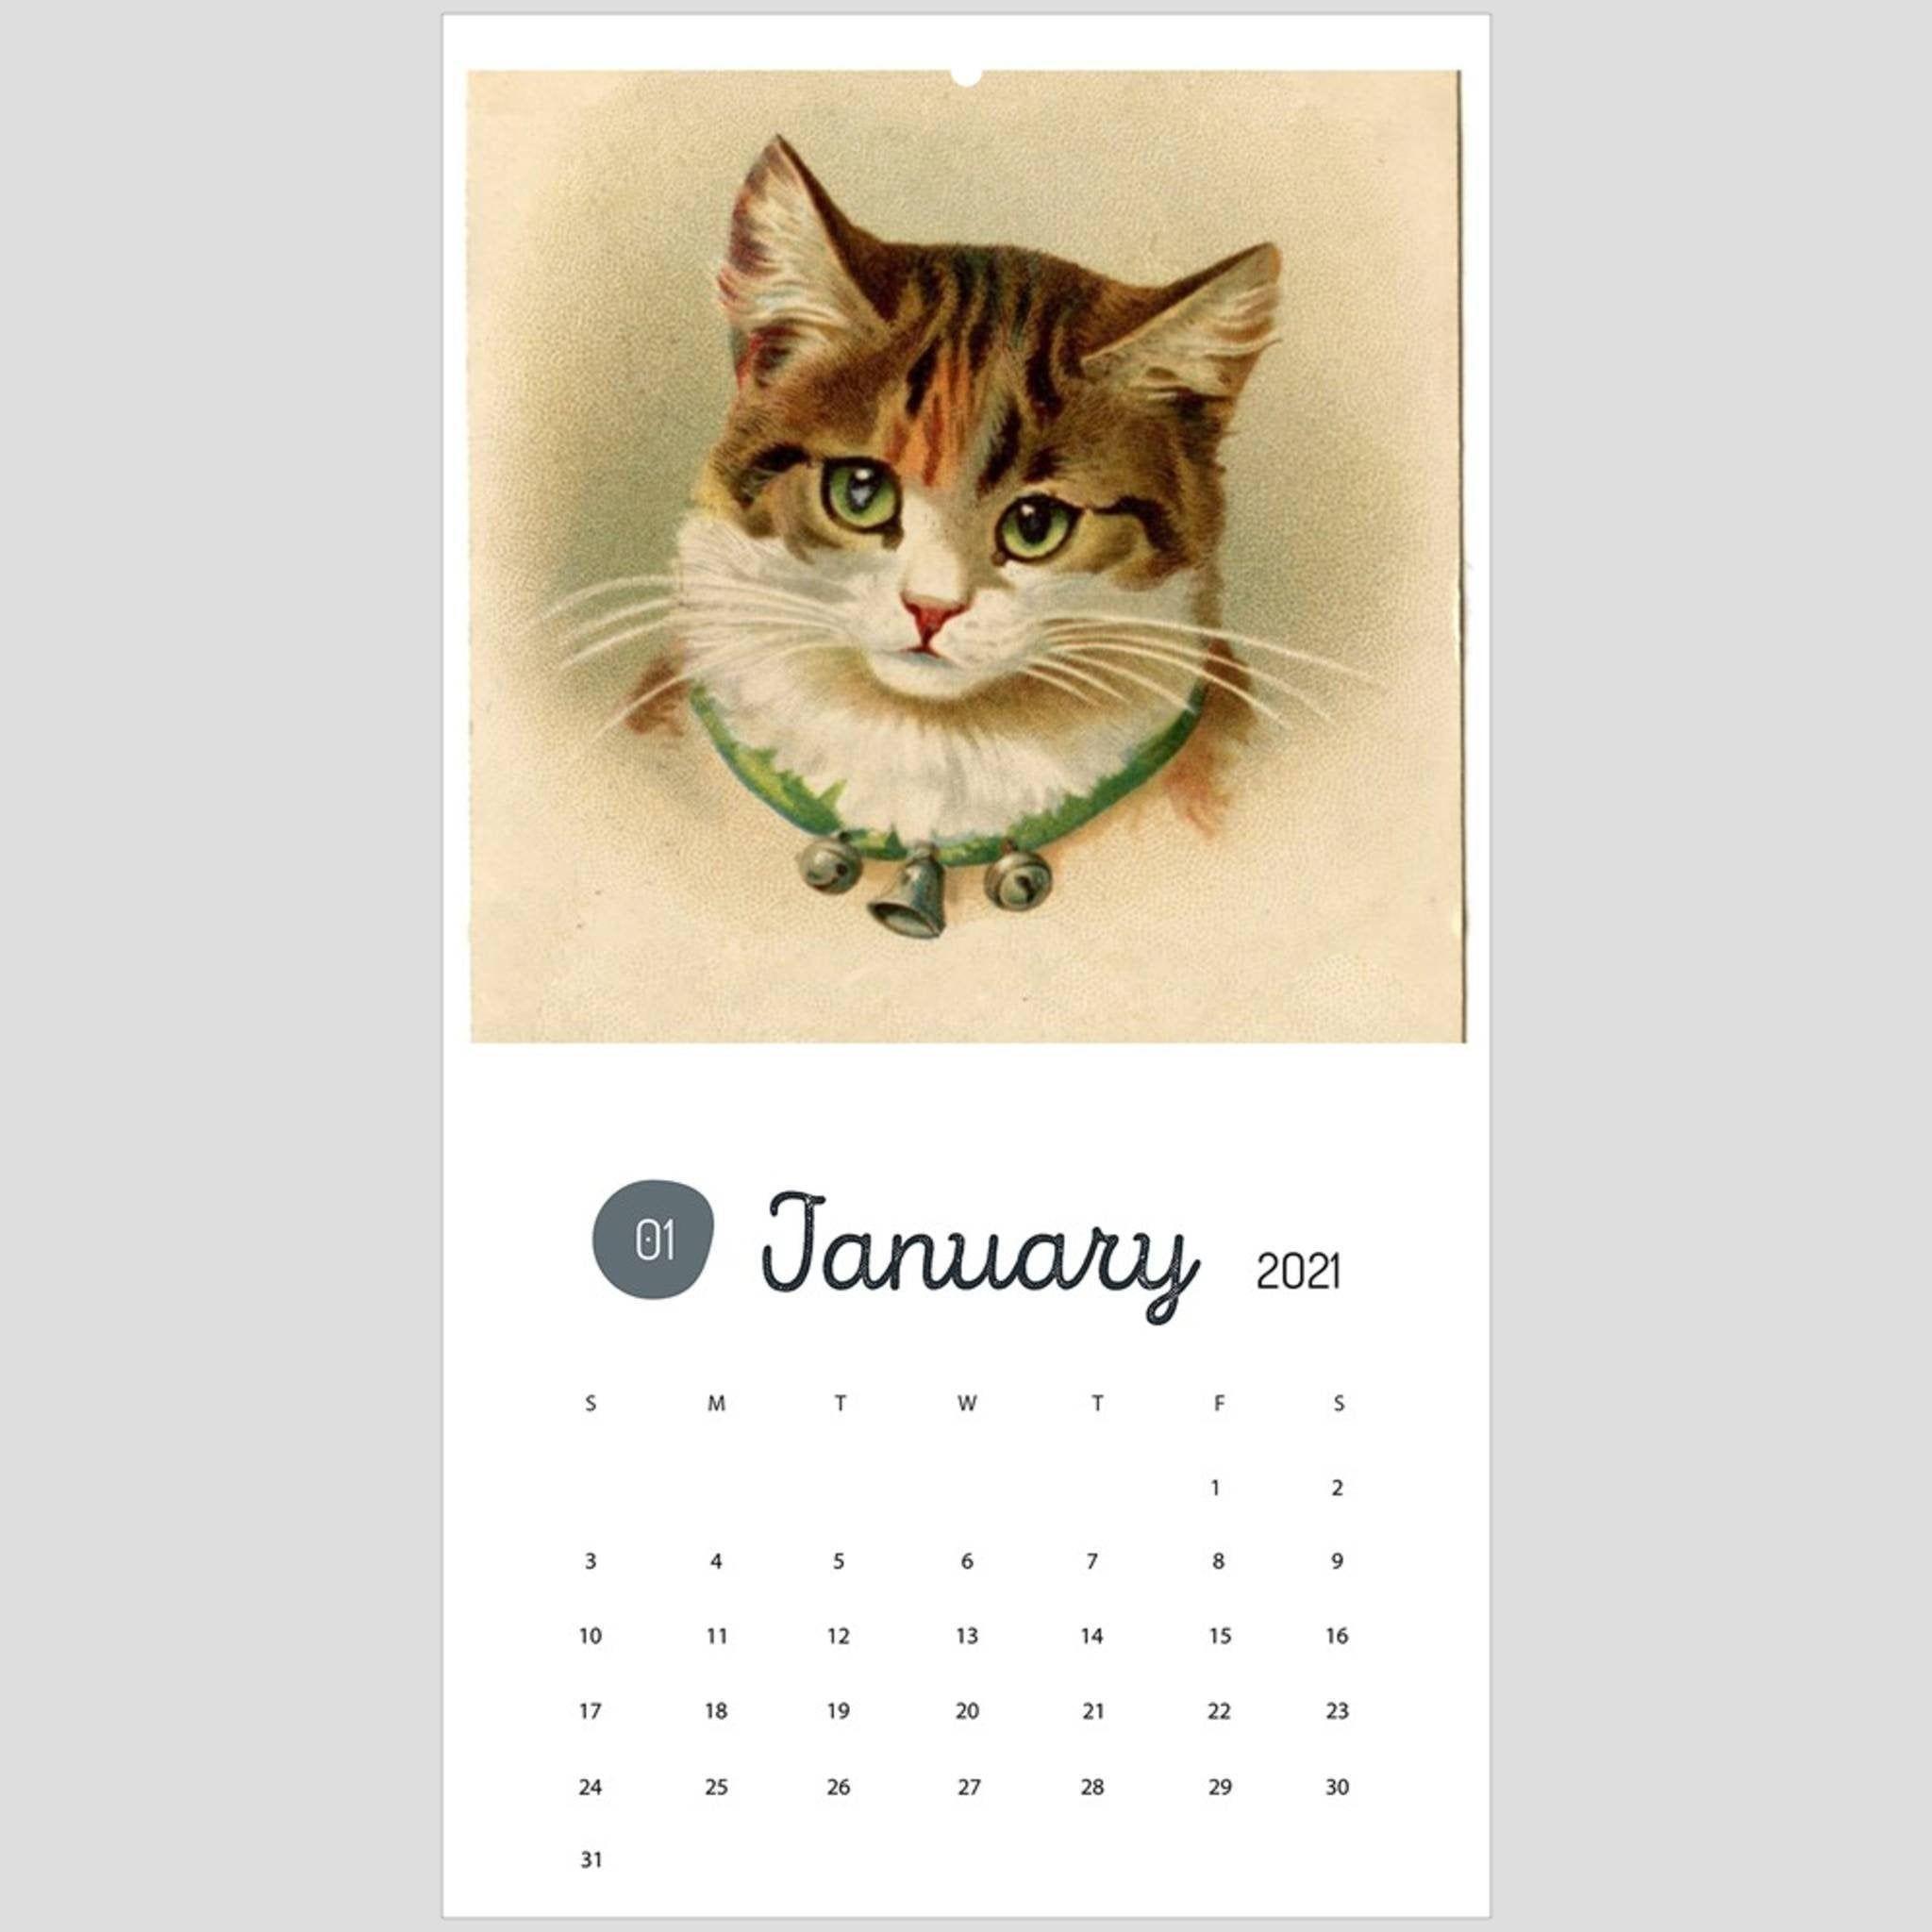 Vintage Cat Calendar 2020 Victorian Kitten Wall Art 9 5 X 17 25 Victorian Cat Calendar Vintage Cat Print Vintage In 2020 Vintage Cat Cat Calendar Vintage Calendar